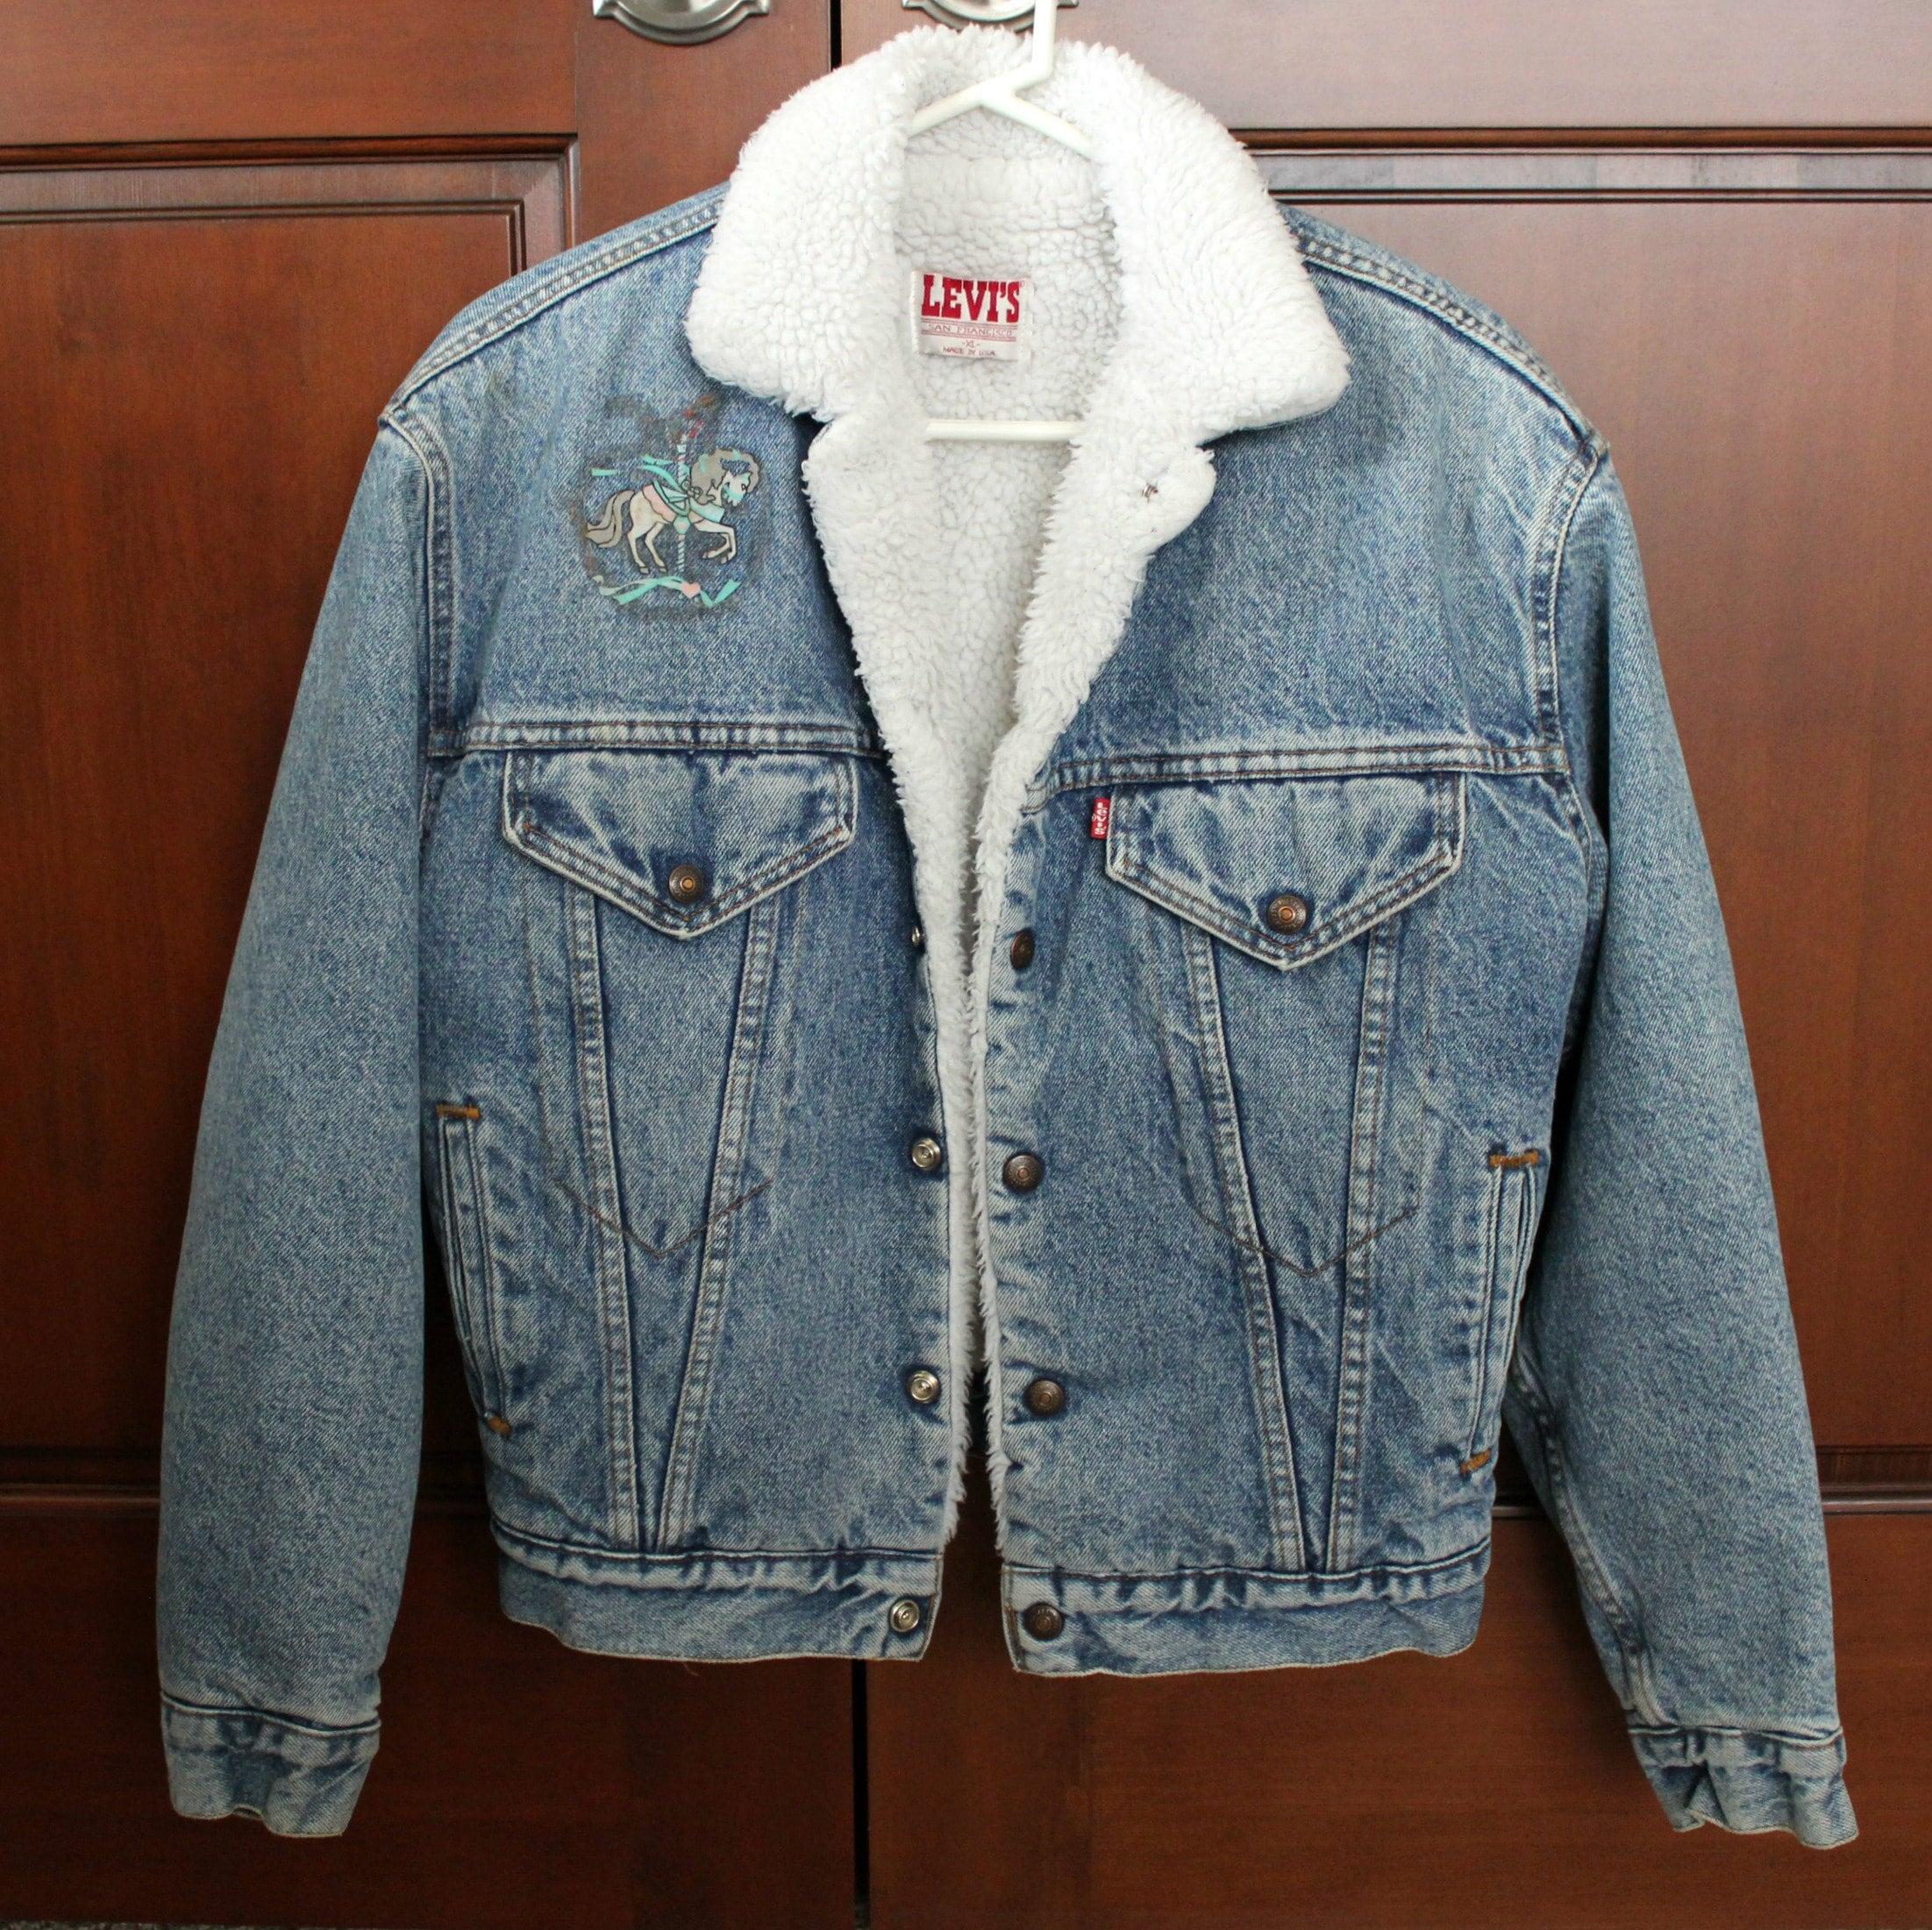 fad97175a83 Vintage Levi s Trucker Jacket